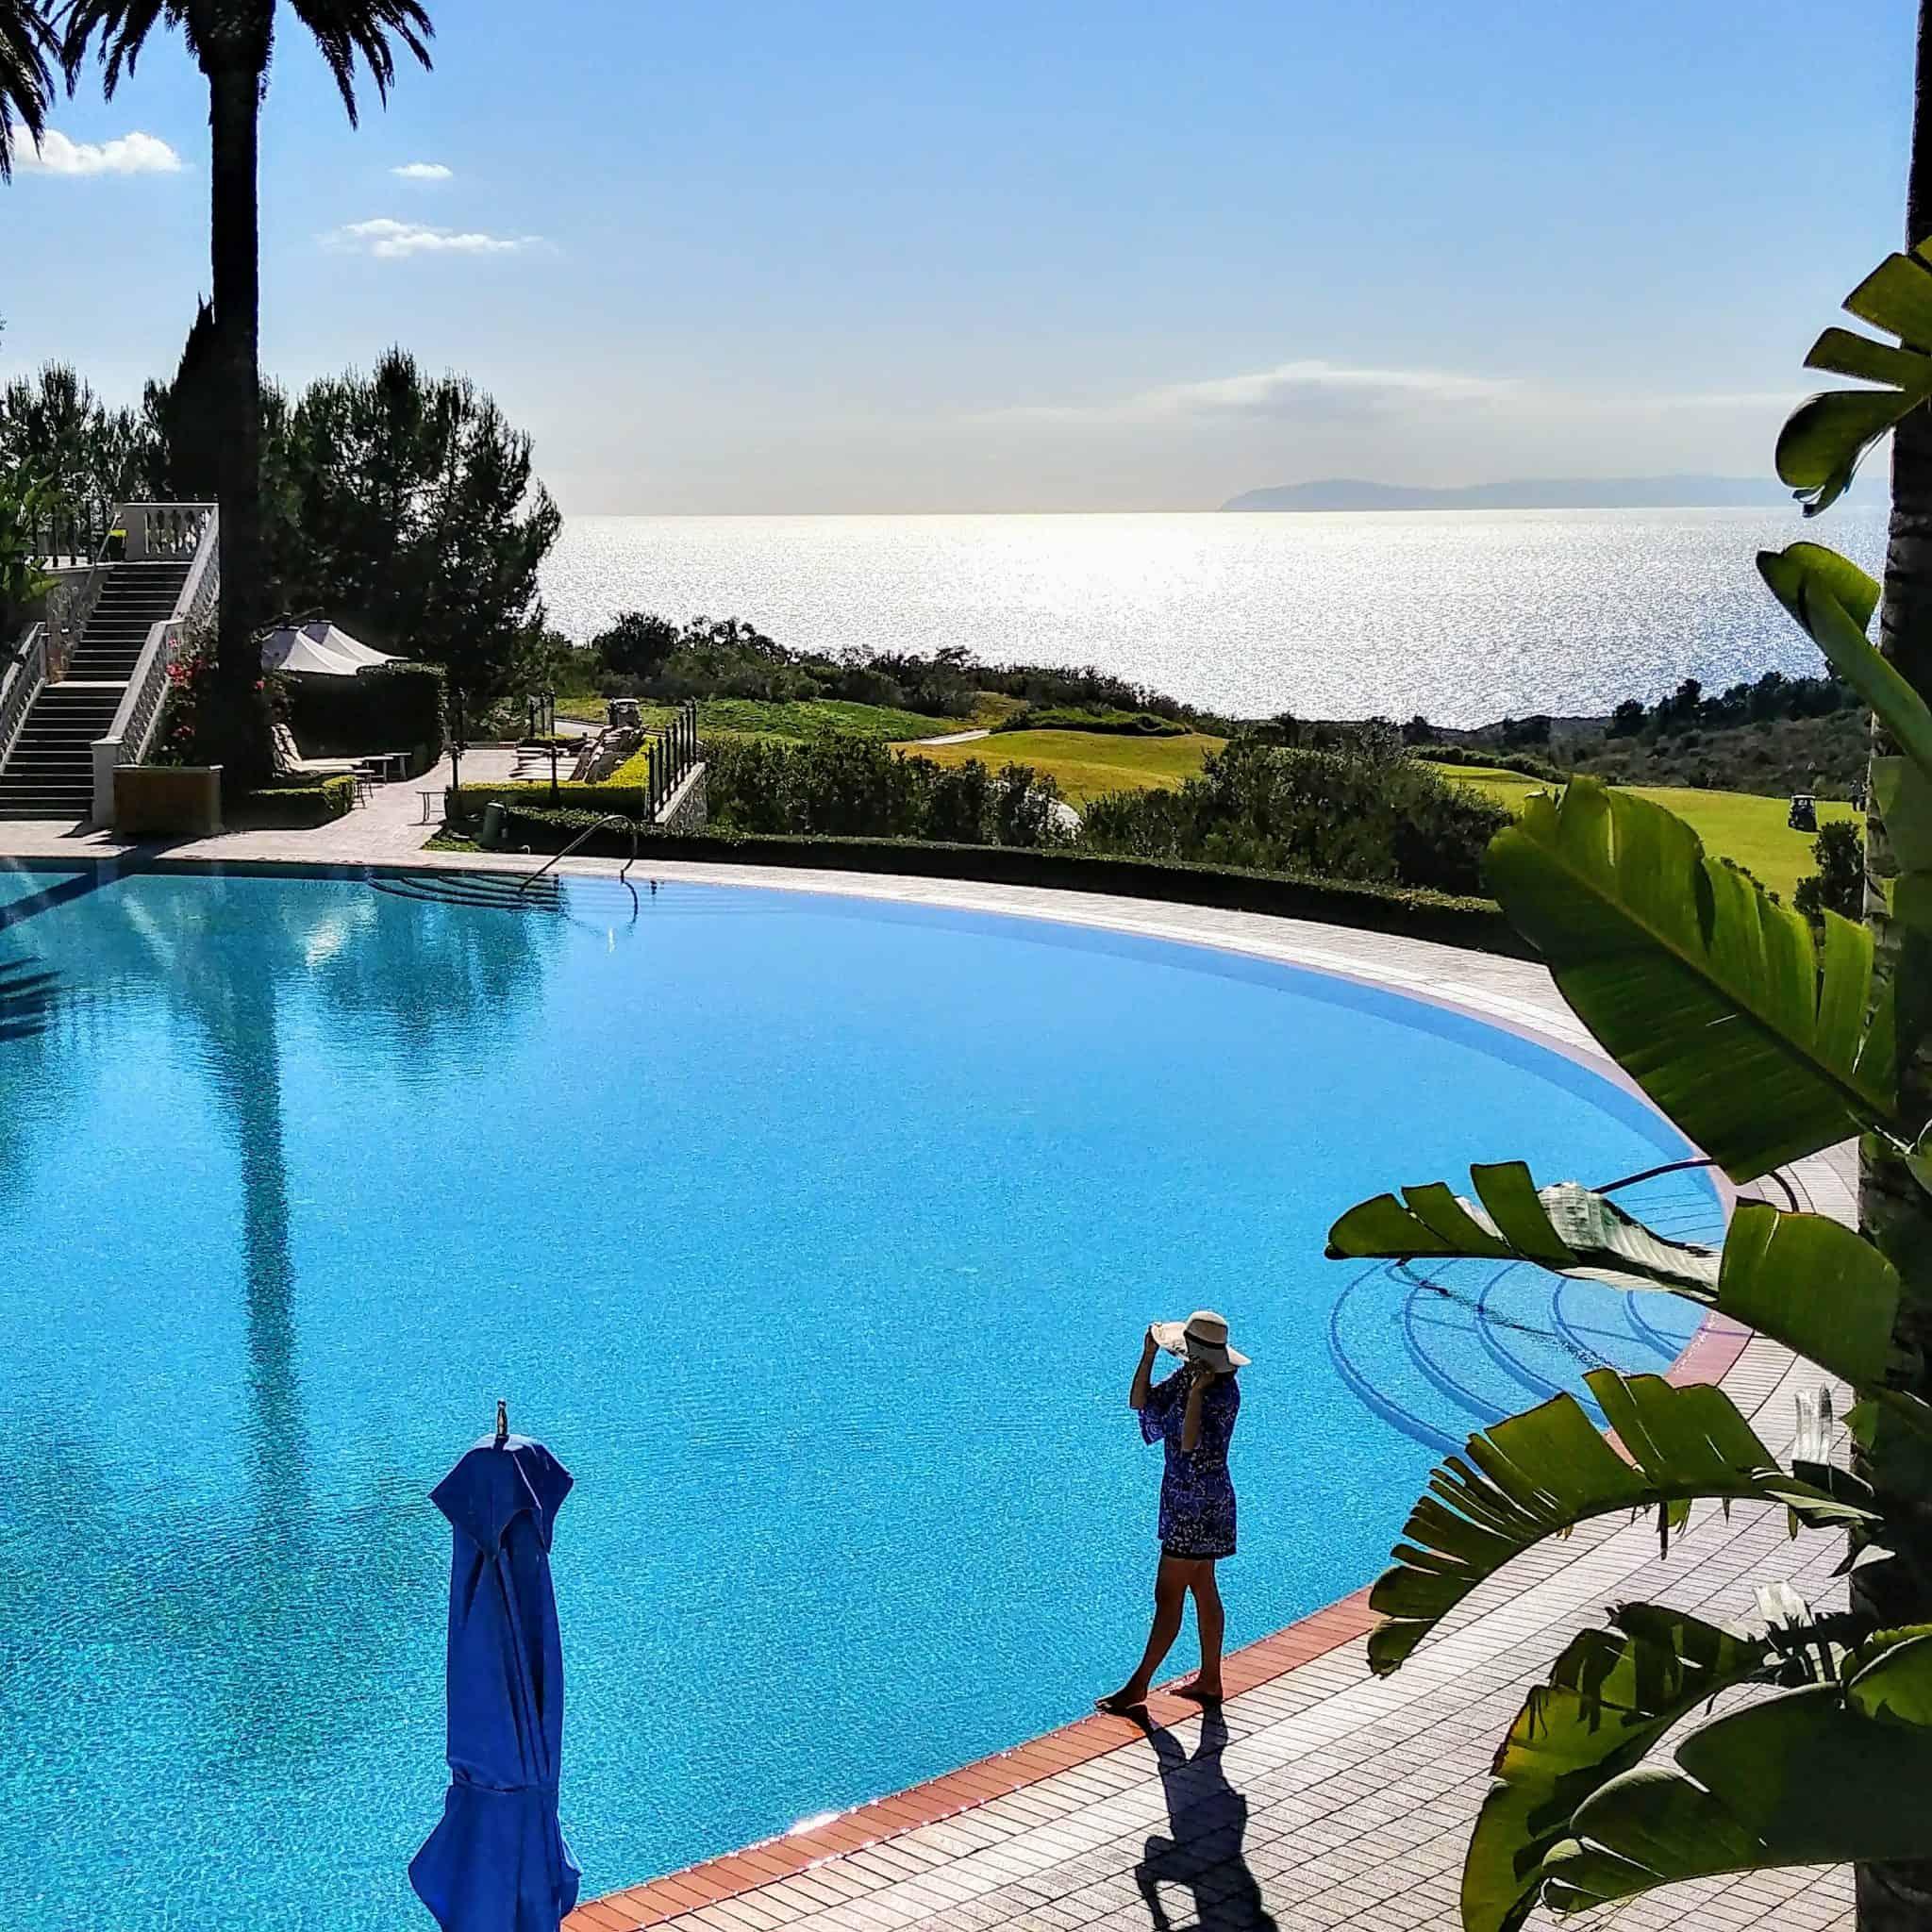 Pelican Hill California pool with beach views